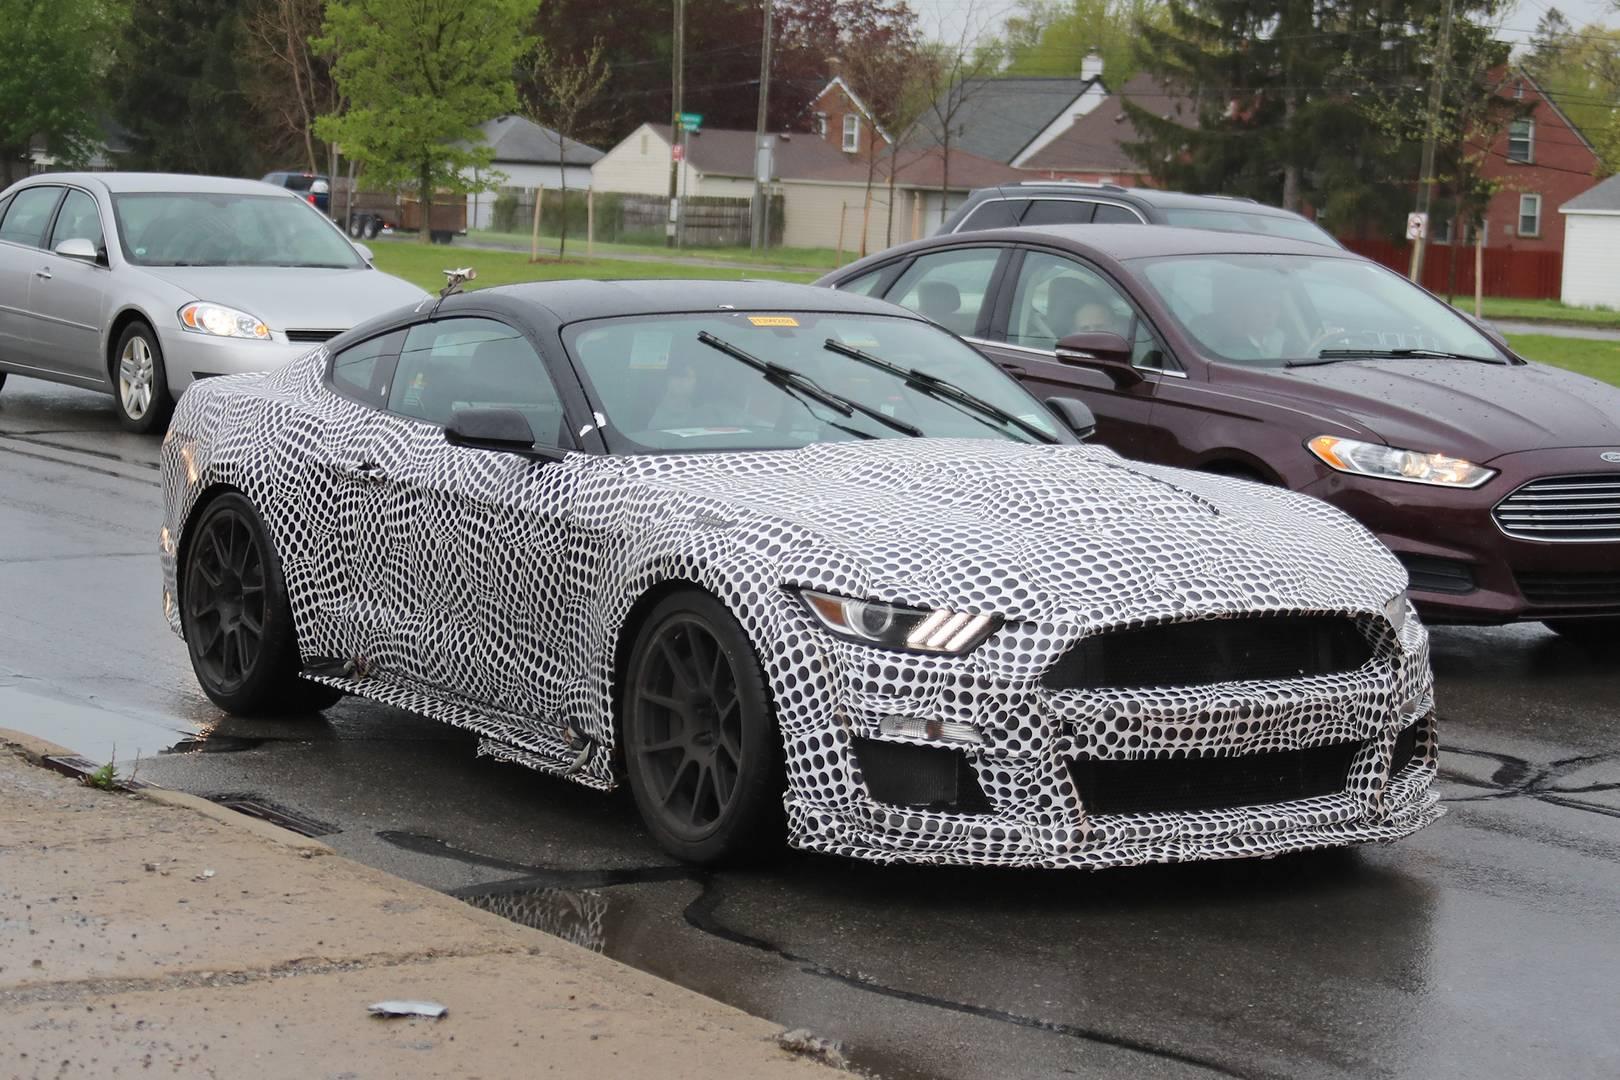 Предыдущие шпионские снимки также показывали Shelby GT500 с механической коробкой передач.